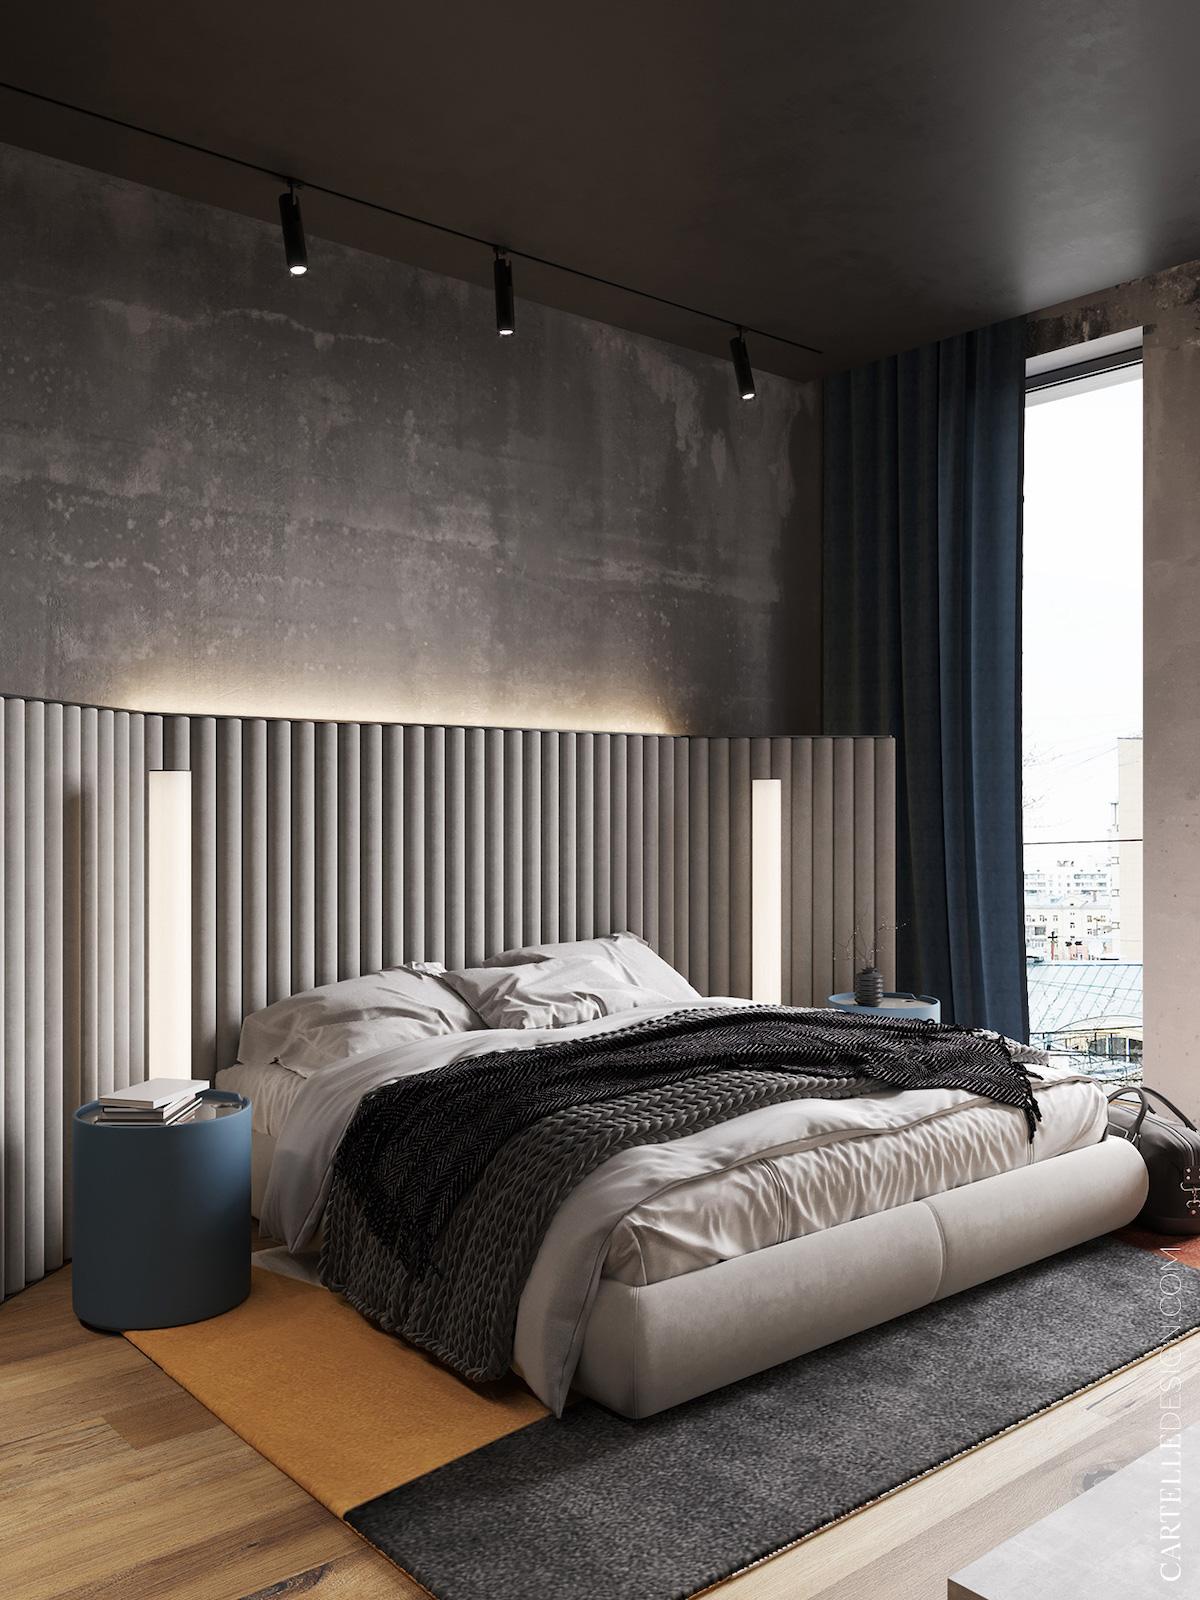 chambre tête de lit boudin tissu boudoir design - blog décoratrice intérieur clem around the corner